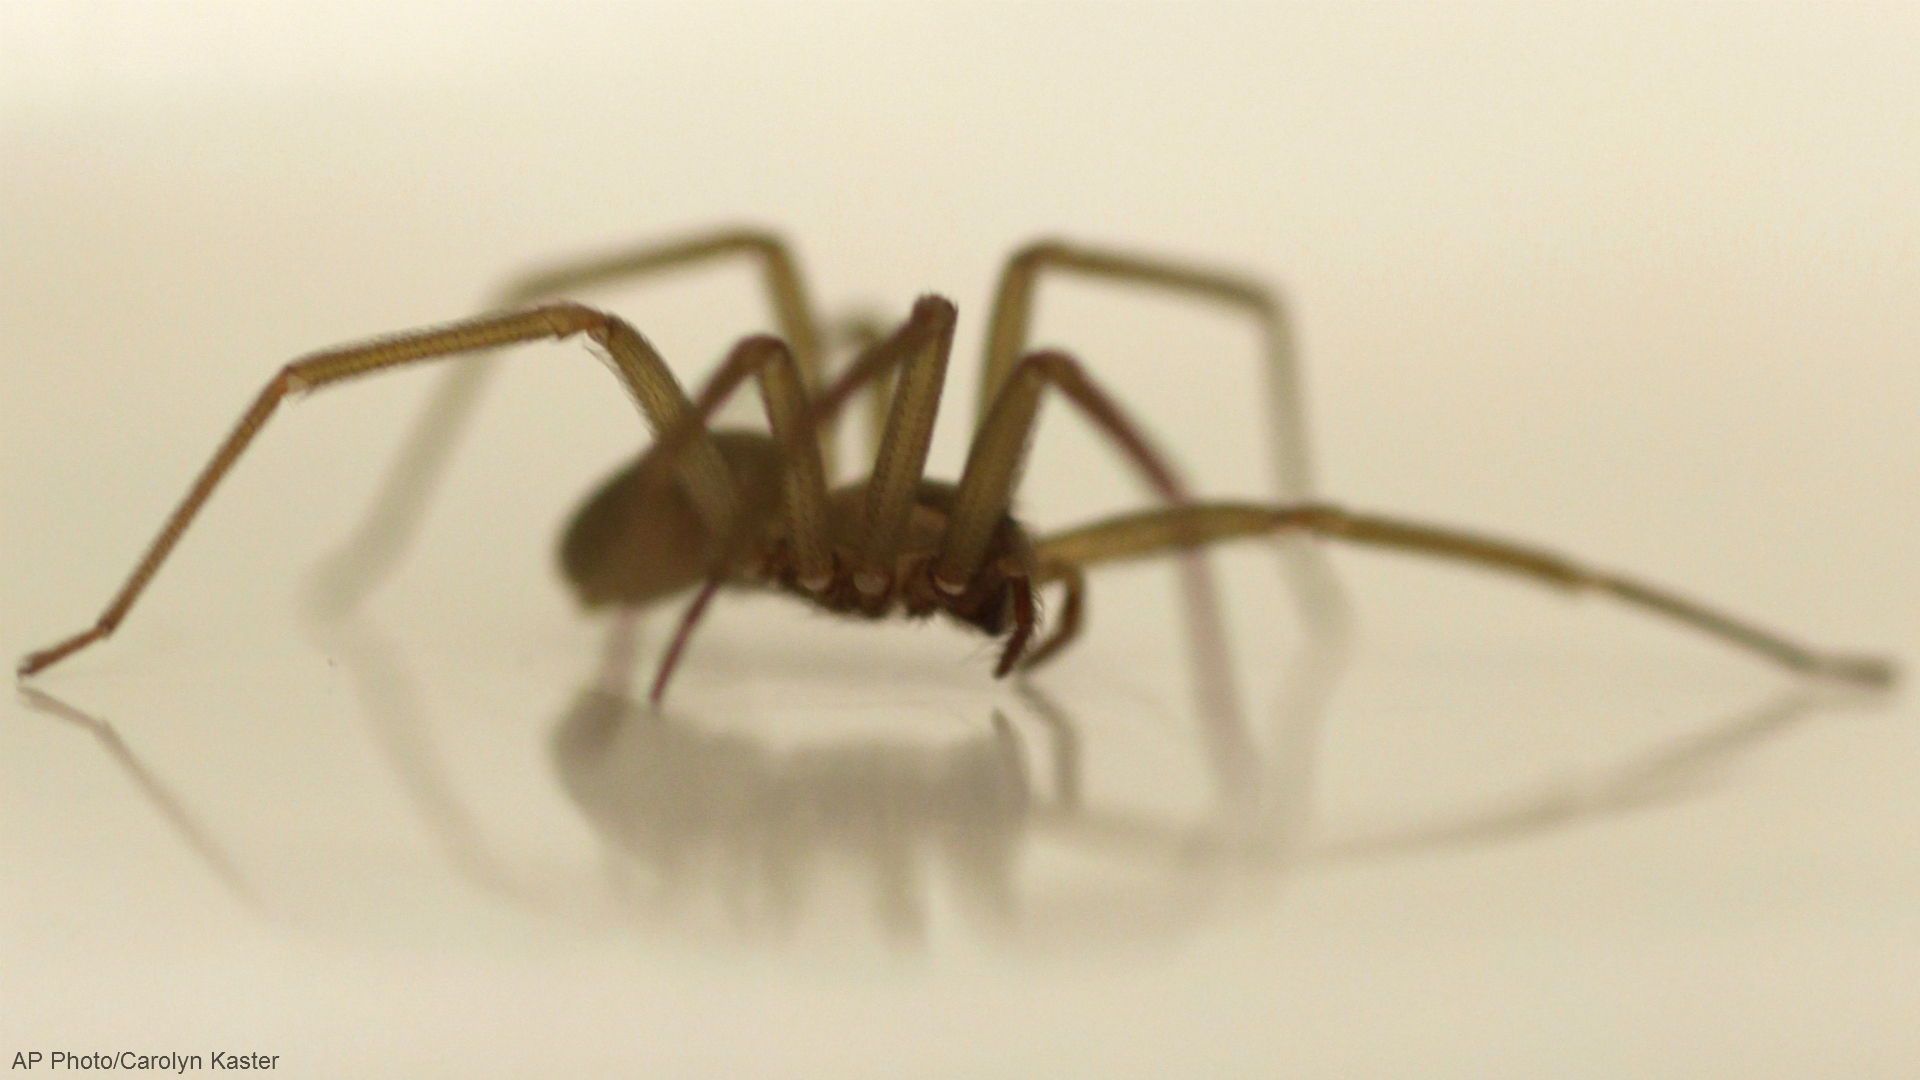 generic brown recluse spider_1529356551640.jpg-873702558.jpg